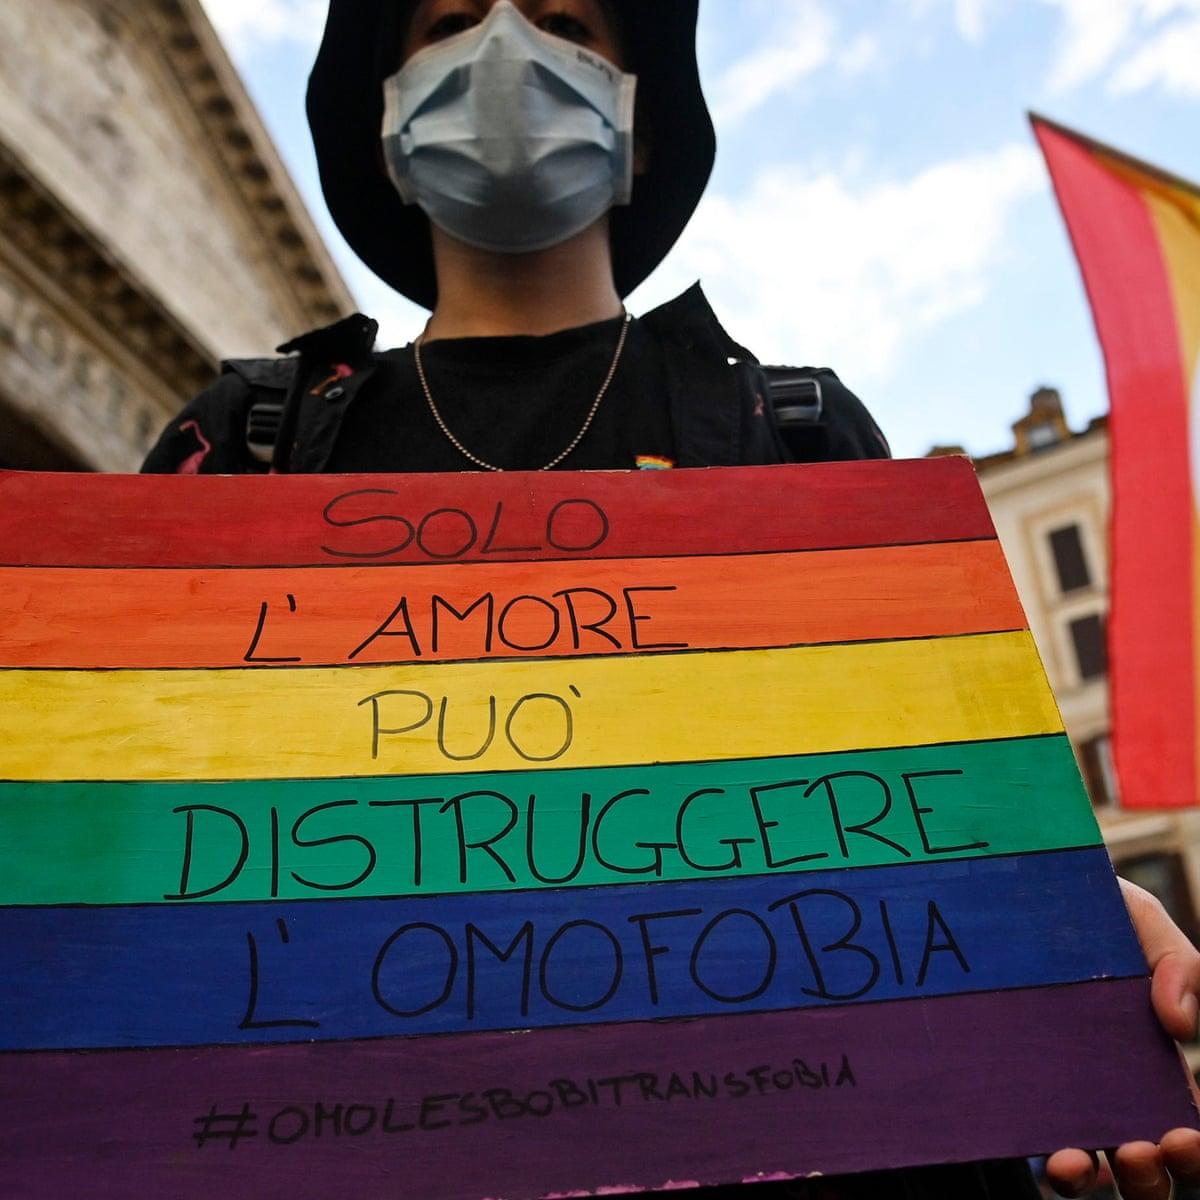 Italia aprueba proyecto de ley contra la misoginia y crímenes de odio hacia las personas LGBTQI+